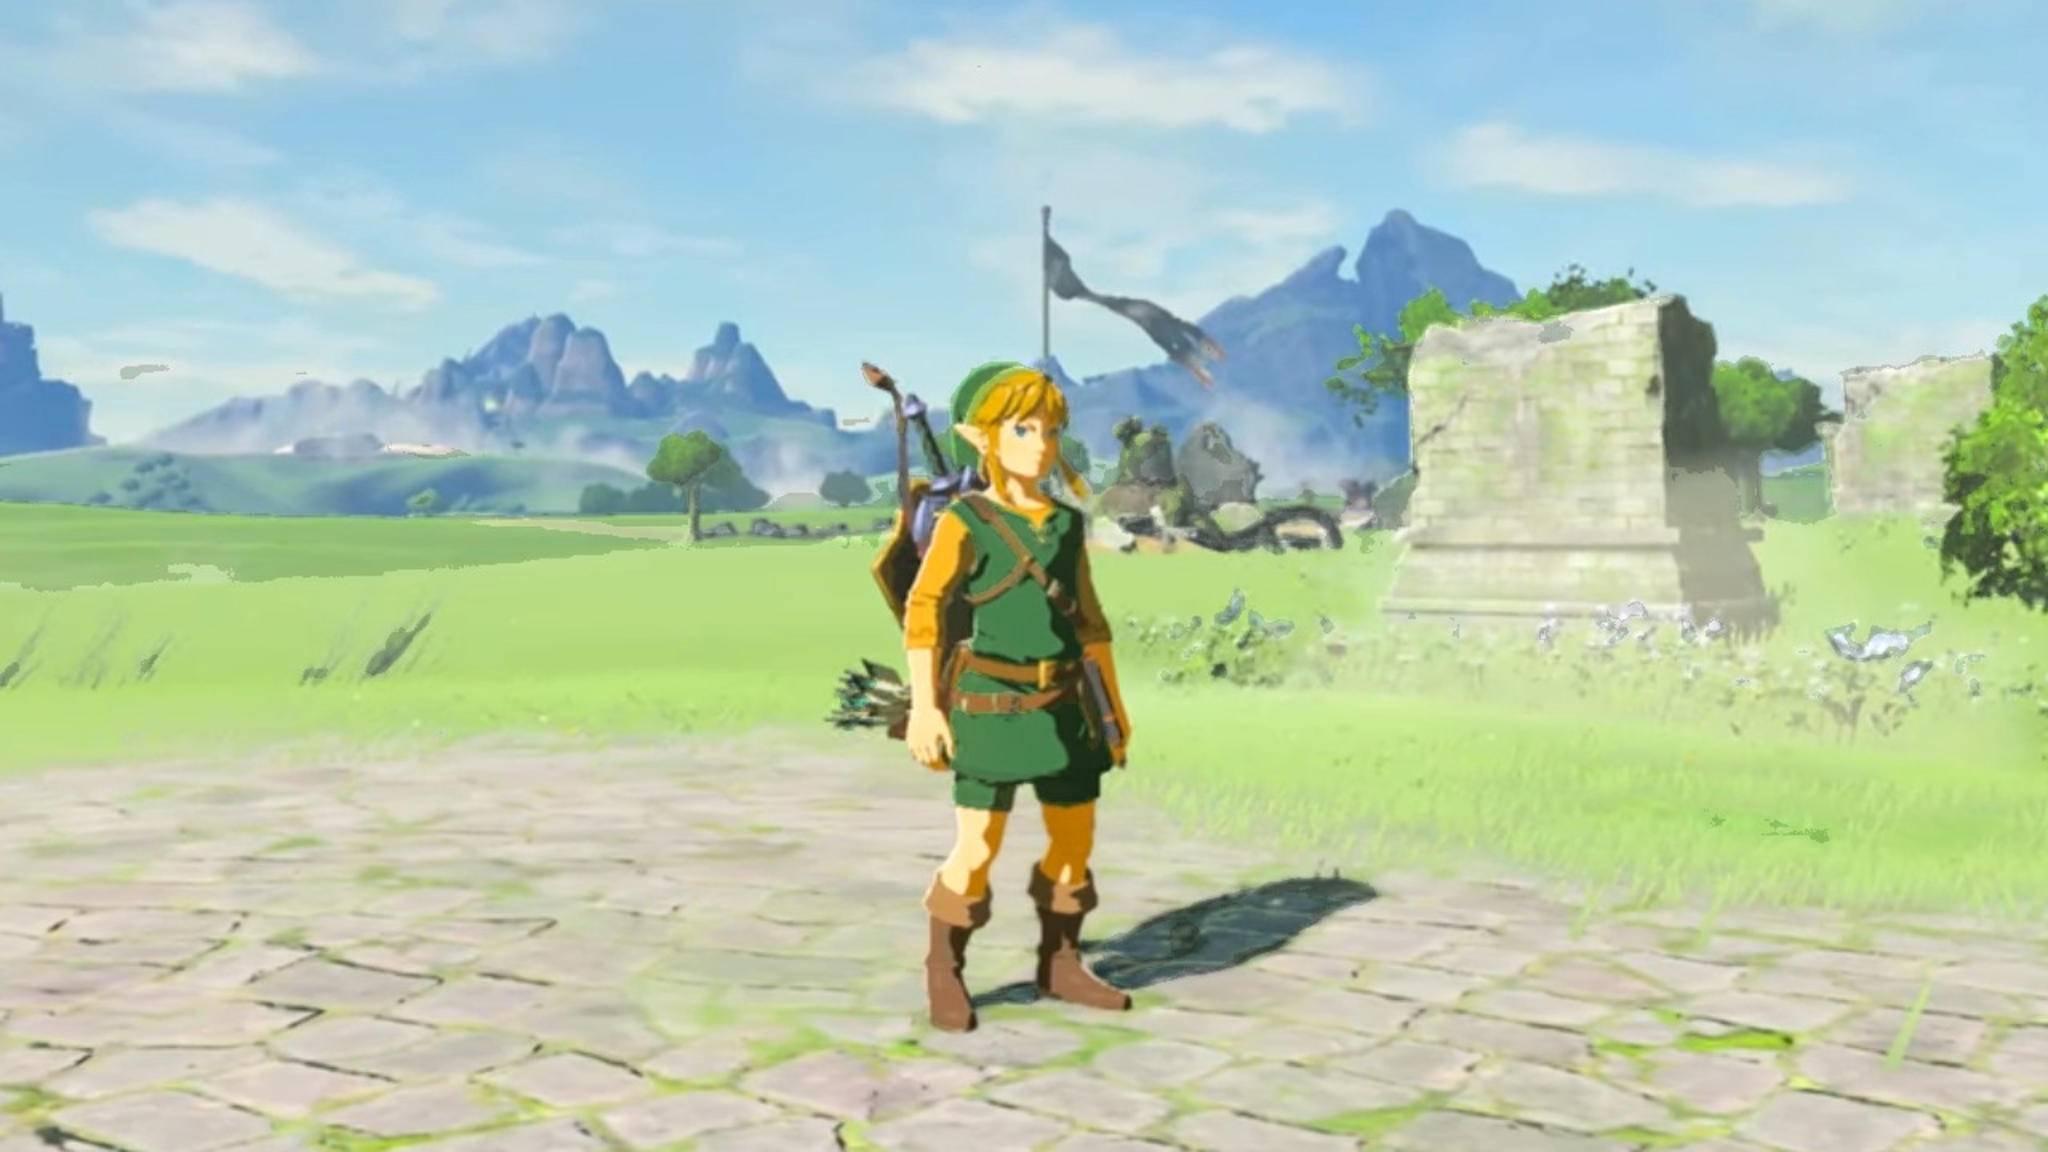 """Um in """"Legend of Zelda: Breath of the Wild"""" im klassischen grünen Outift auf Abenteuerjagd zu gehen, musst Du eine groß angelegte Quest lösen."""